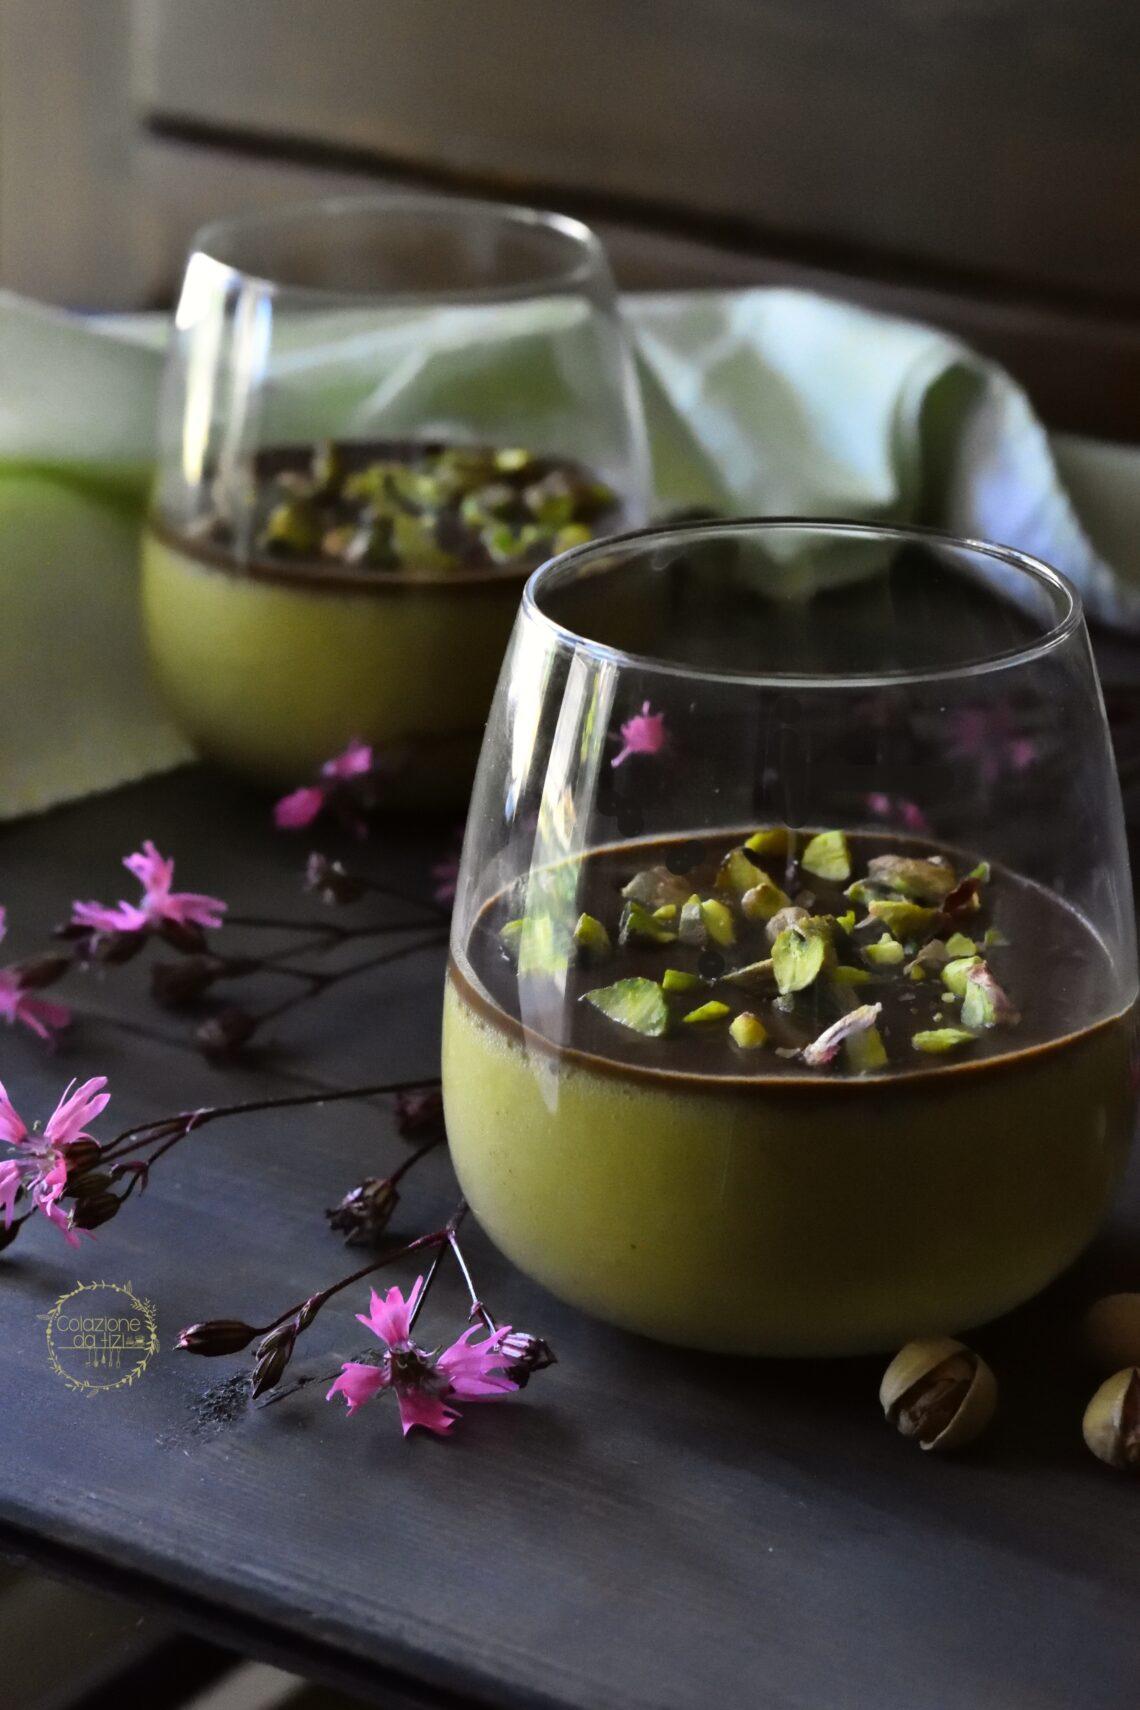 mousse al pistacchio e cioccolato fondente)